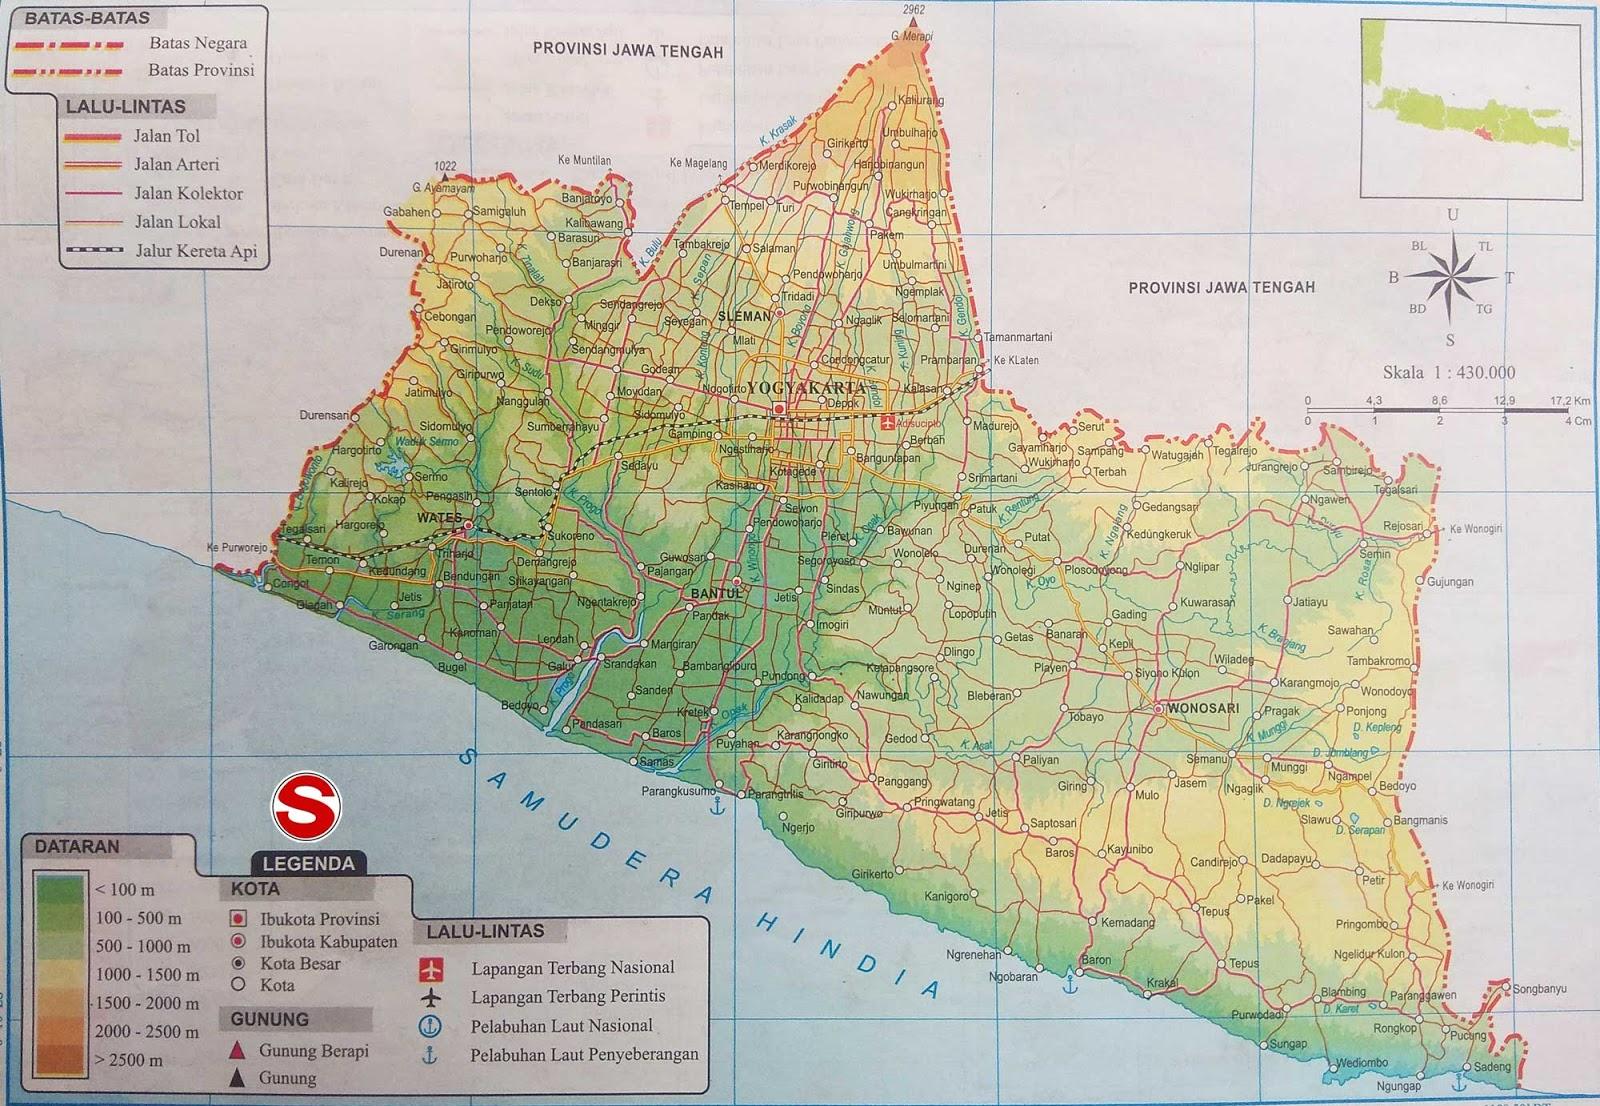 Peta dataran dan perairan sanggup anda lihat pada kotak LEGENDA berupa angka yang tertera Peta Atlas Daerah spesial Yogyakarta (DIY)